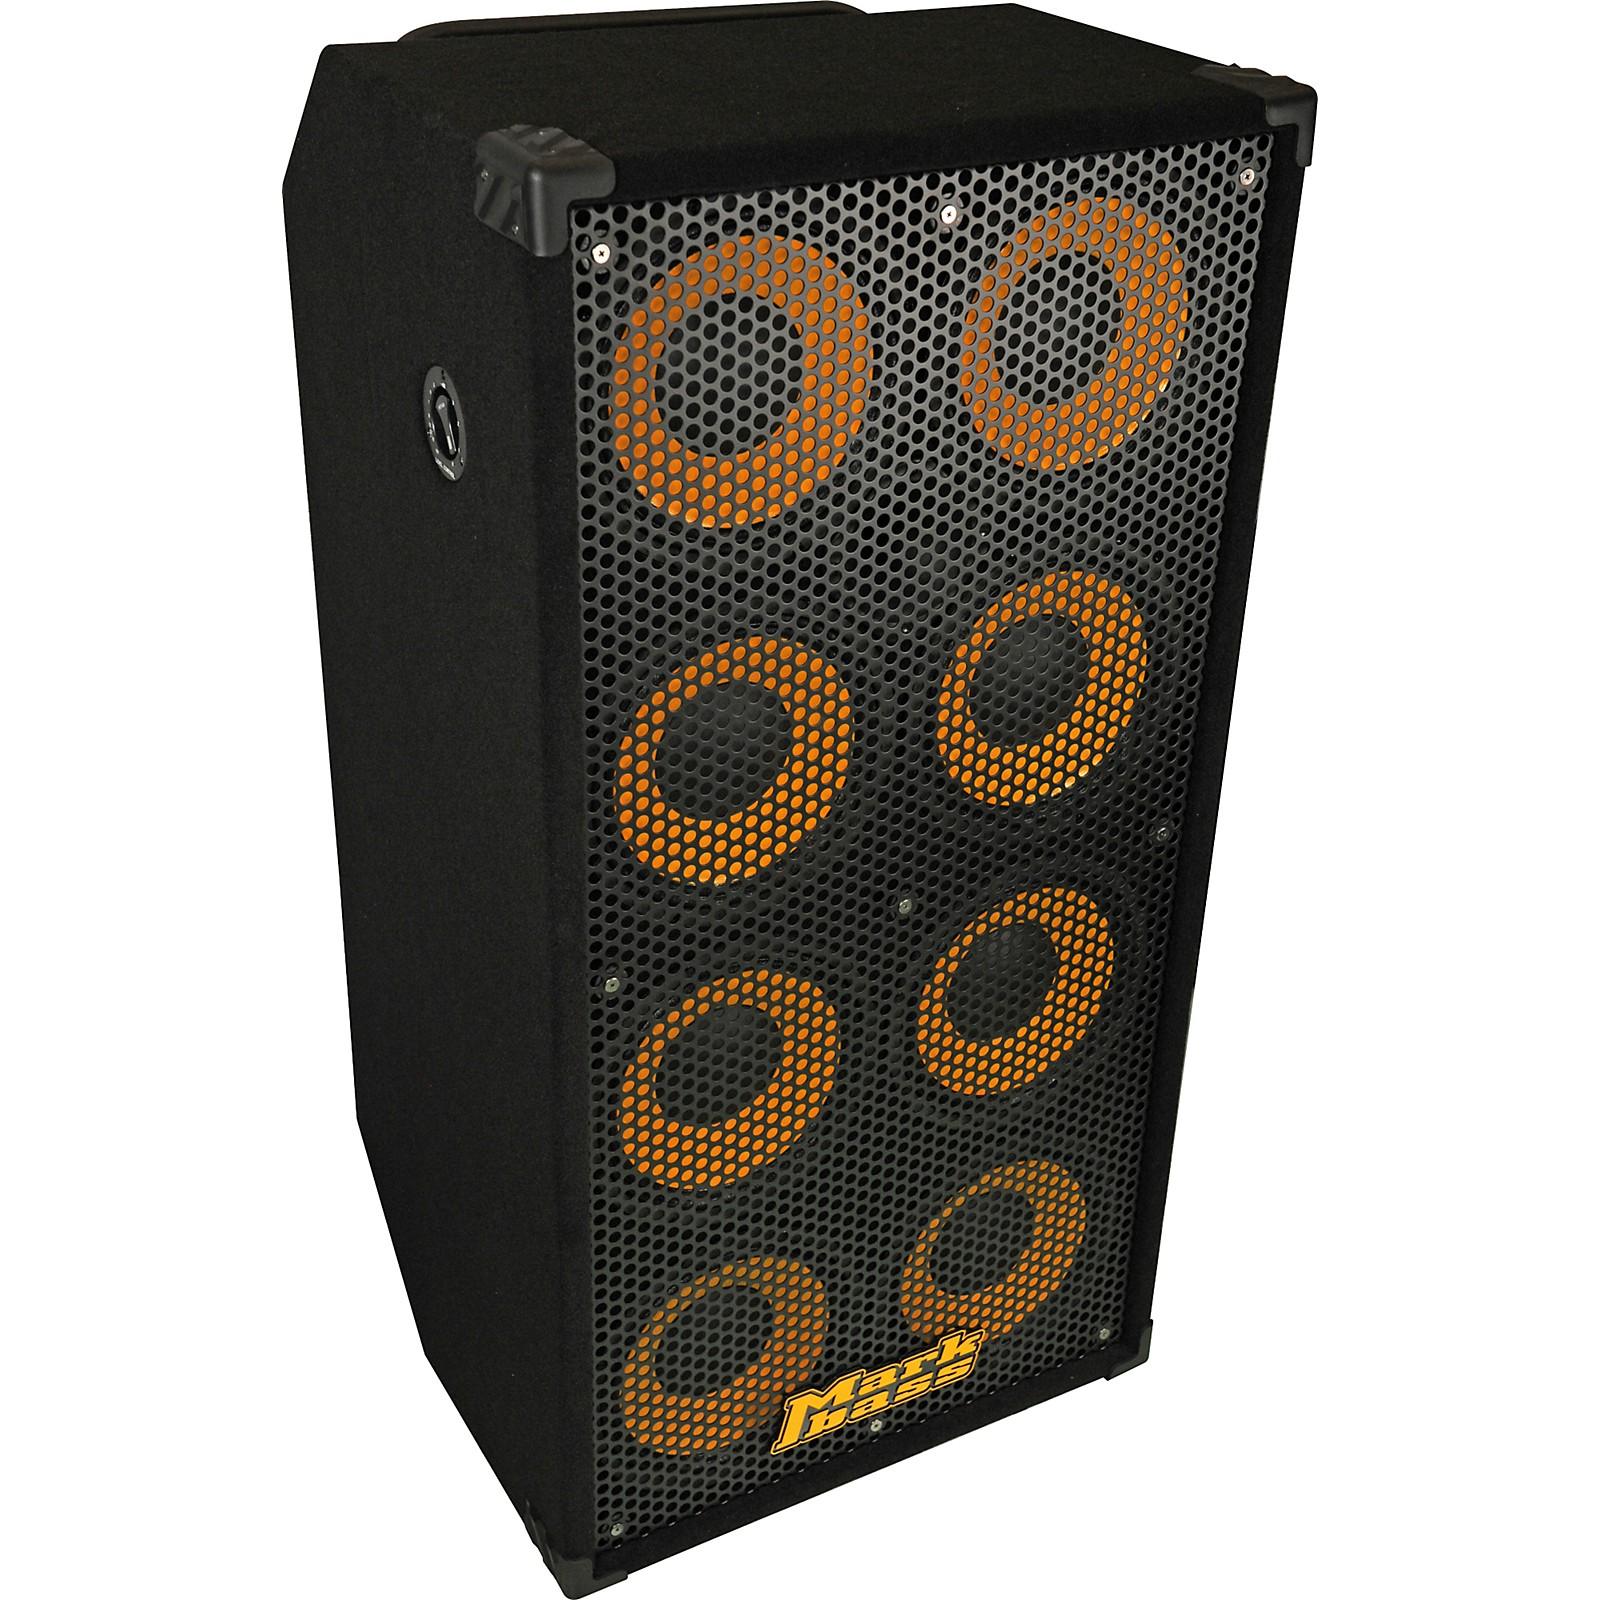 Markbass Standard 108HR 1200W 8x10 Bass Speaker Cabinet